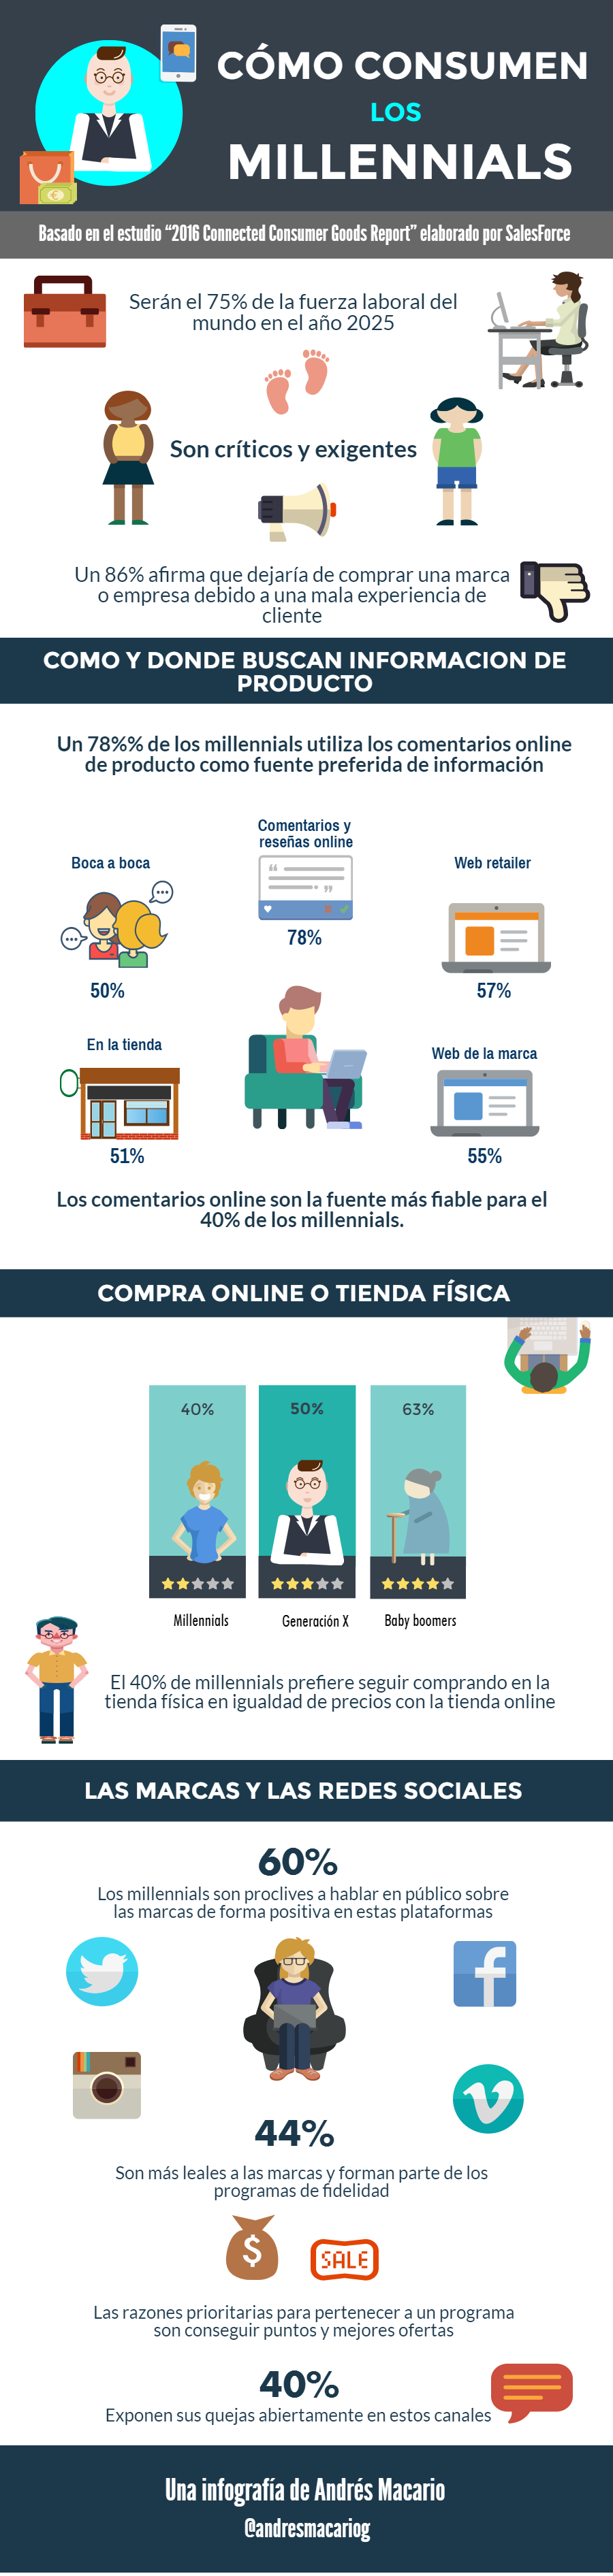 Cómo consumen los millennials - Infografia Andres Macario